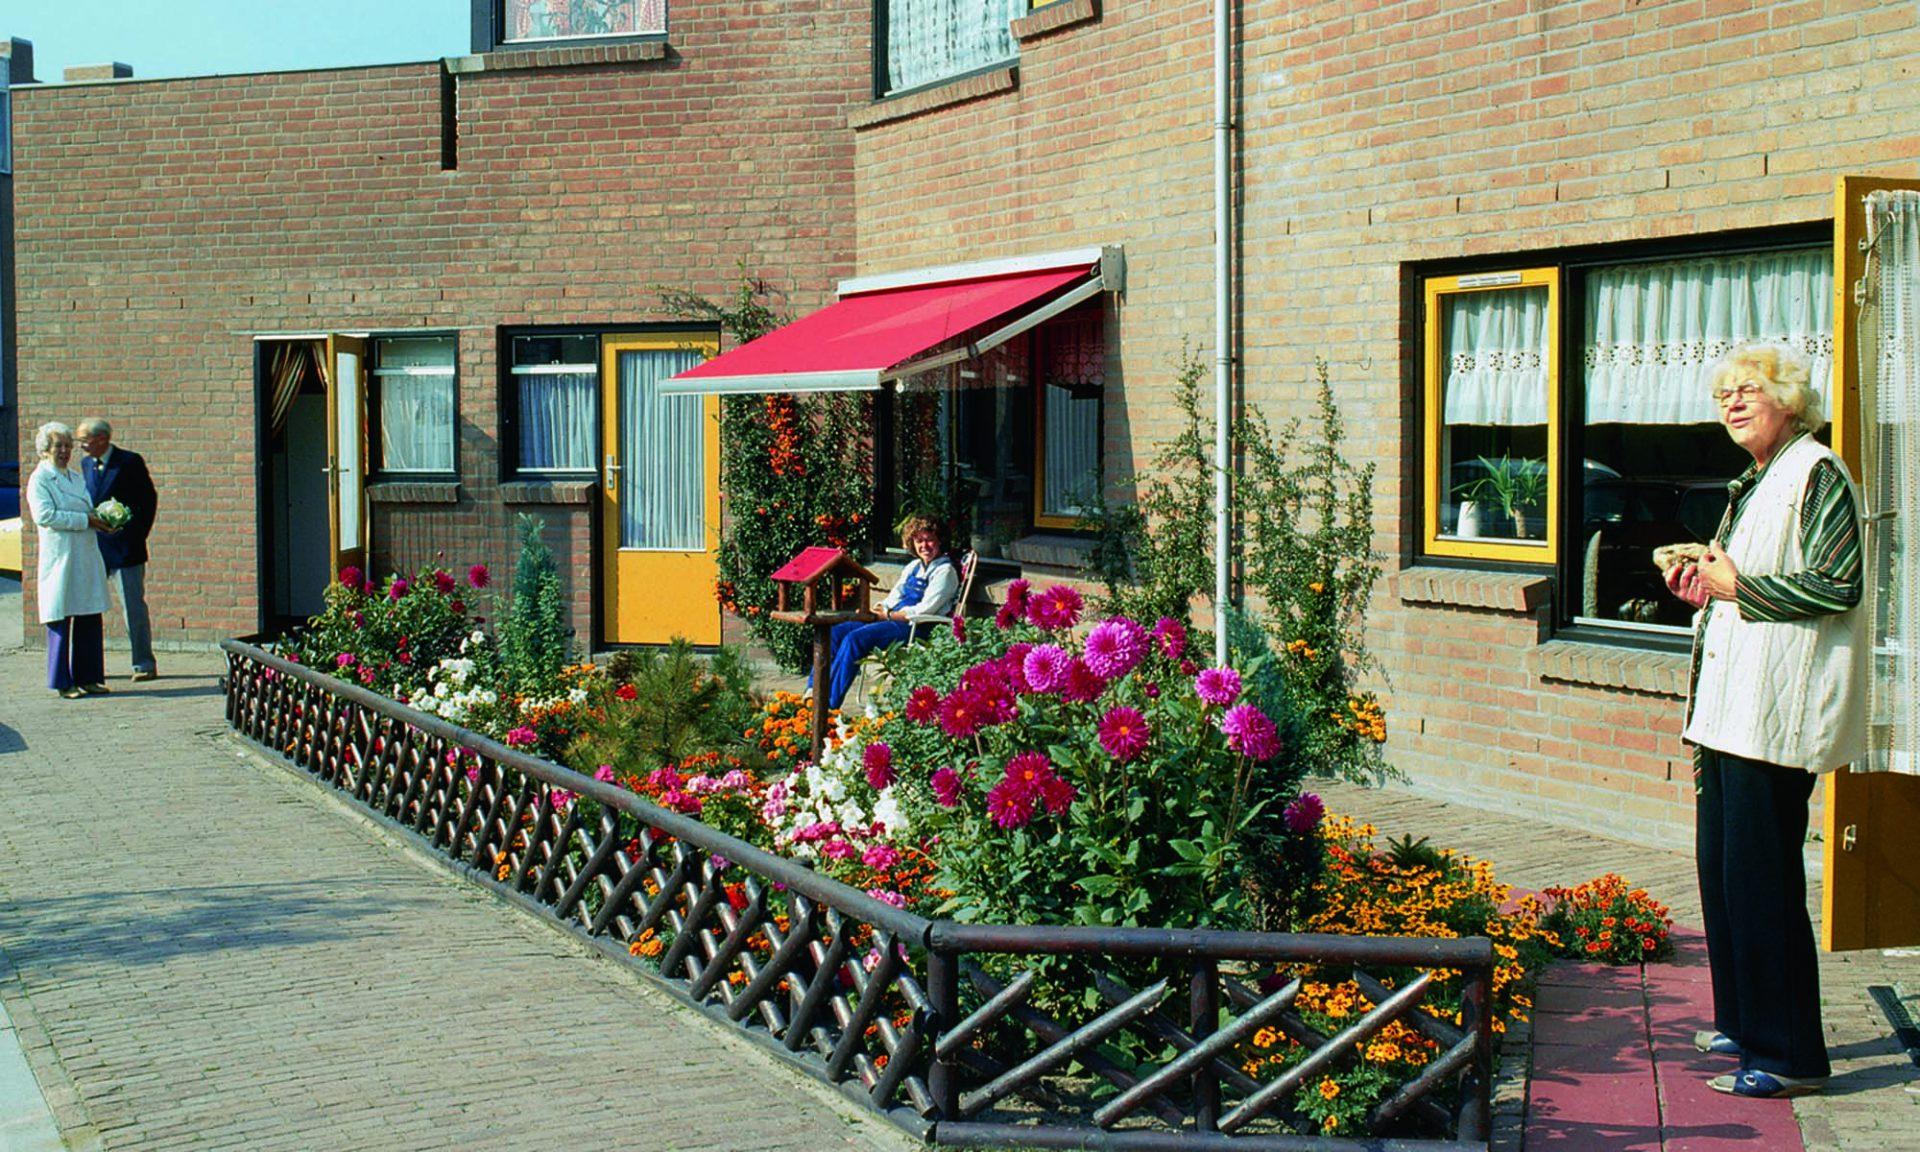 Lebendige, sichere, nachhaltige und gesunde Stadt. Sanfte Übergangsräume geben den Bewohnern die Möglichkeit, ihre Wohnungen und Vorgärten individuell zu gestalten.